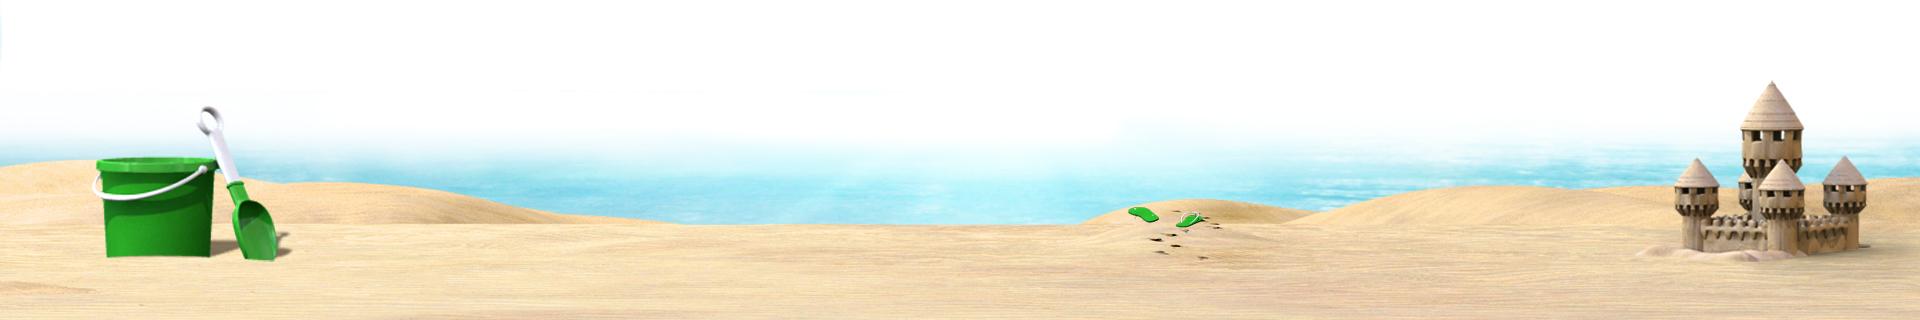 A tranquil beach scene.